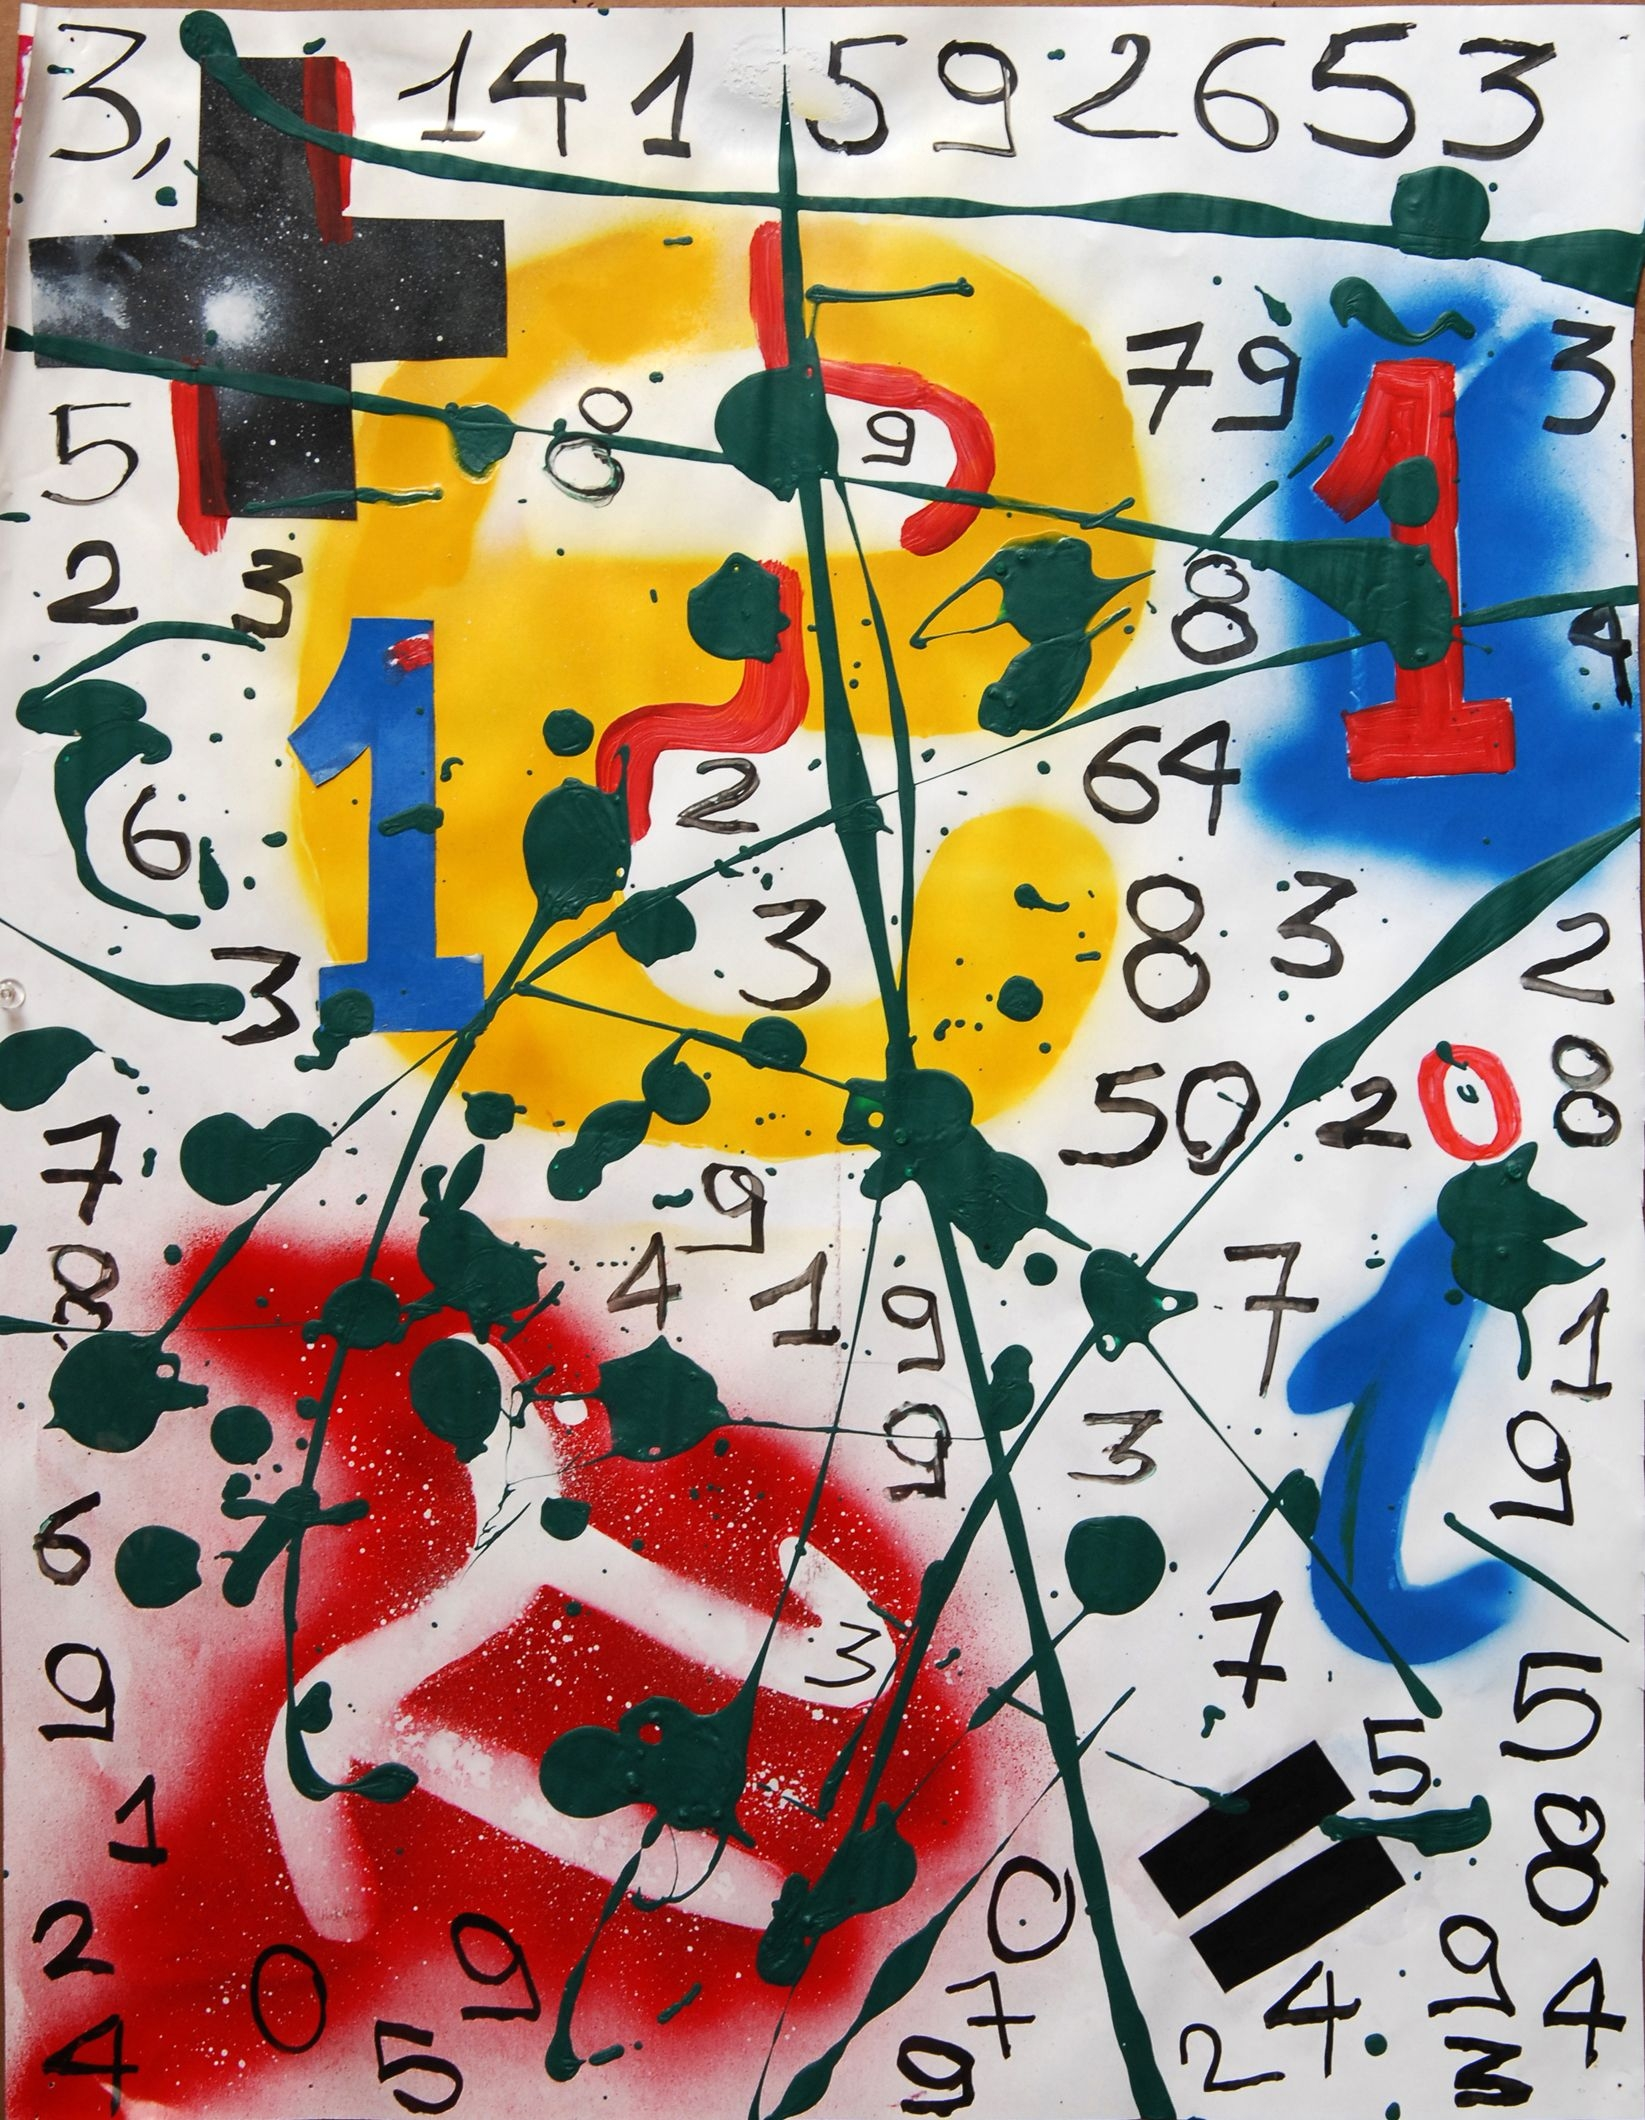 El trastorno obsesivo compulsivo y los números - Cuaderno de Cultura ...